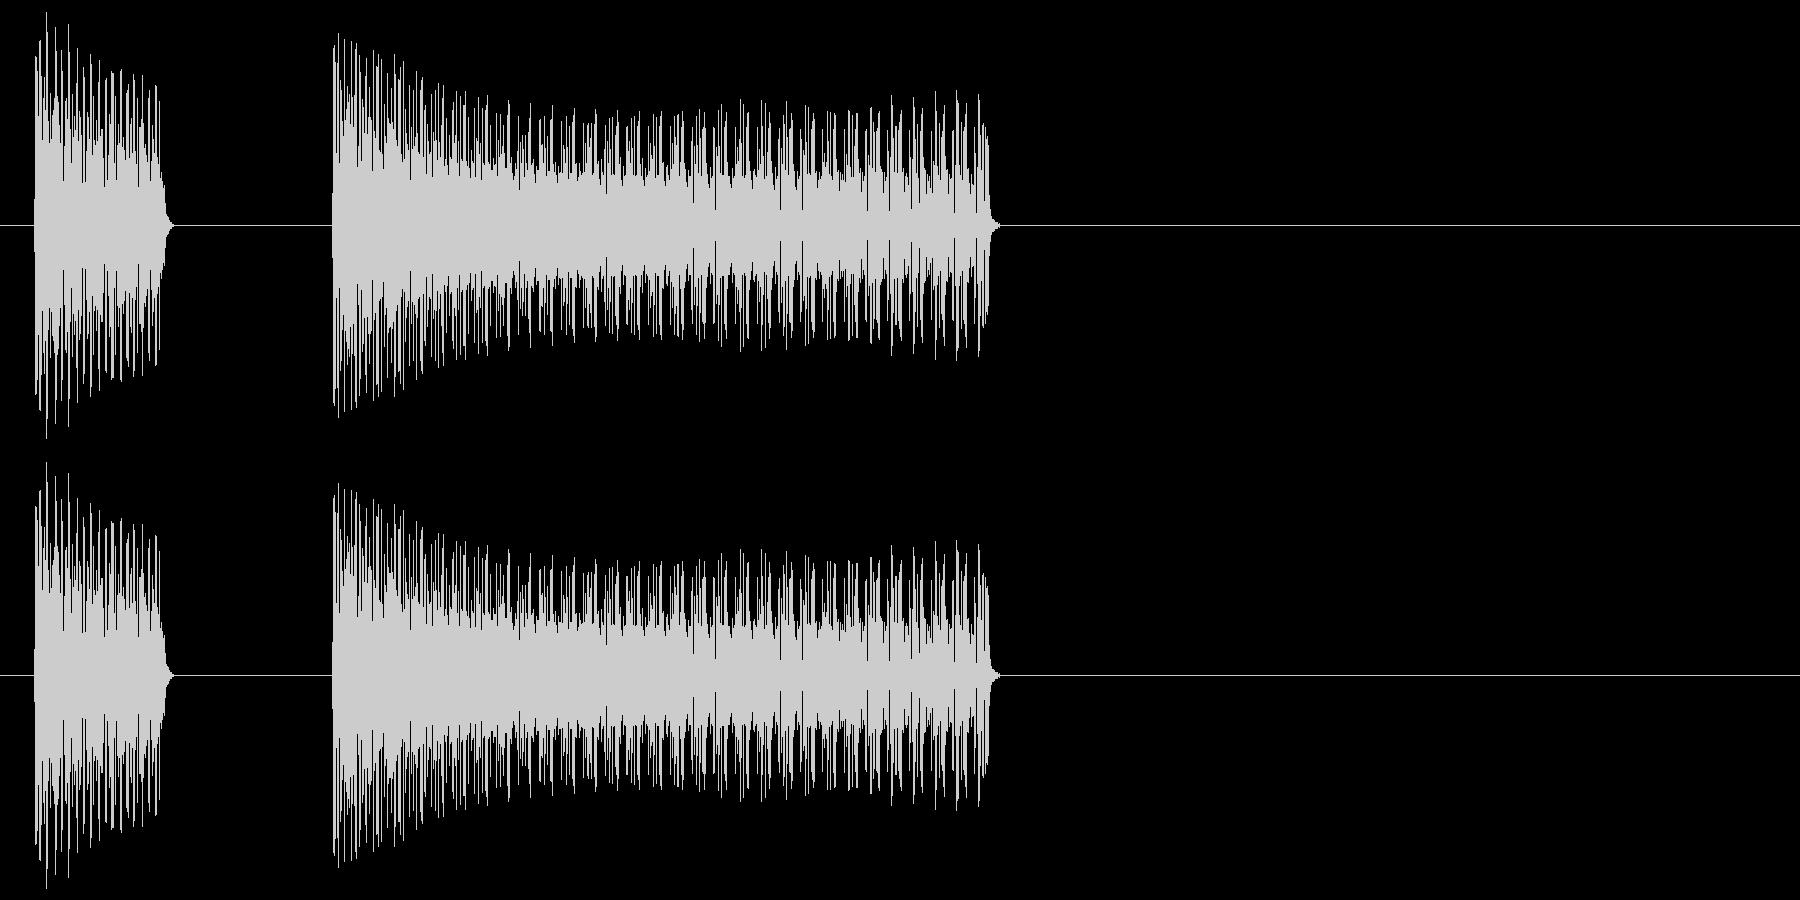 ブッブー/不正解/間違い/バツの未再生の波形